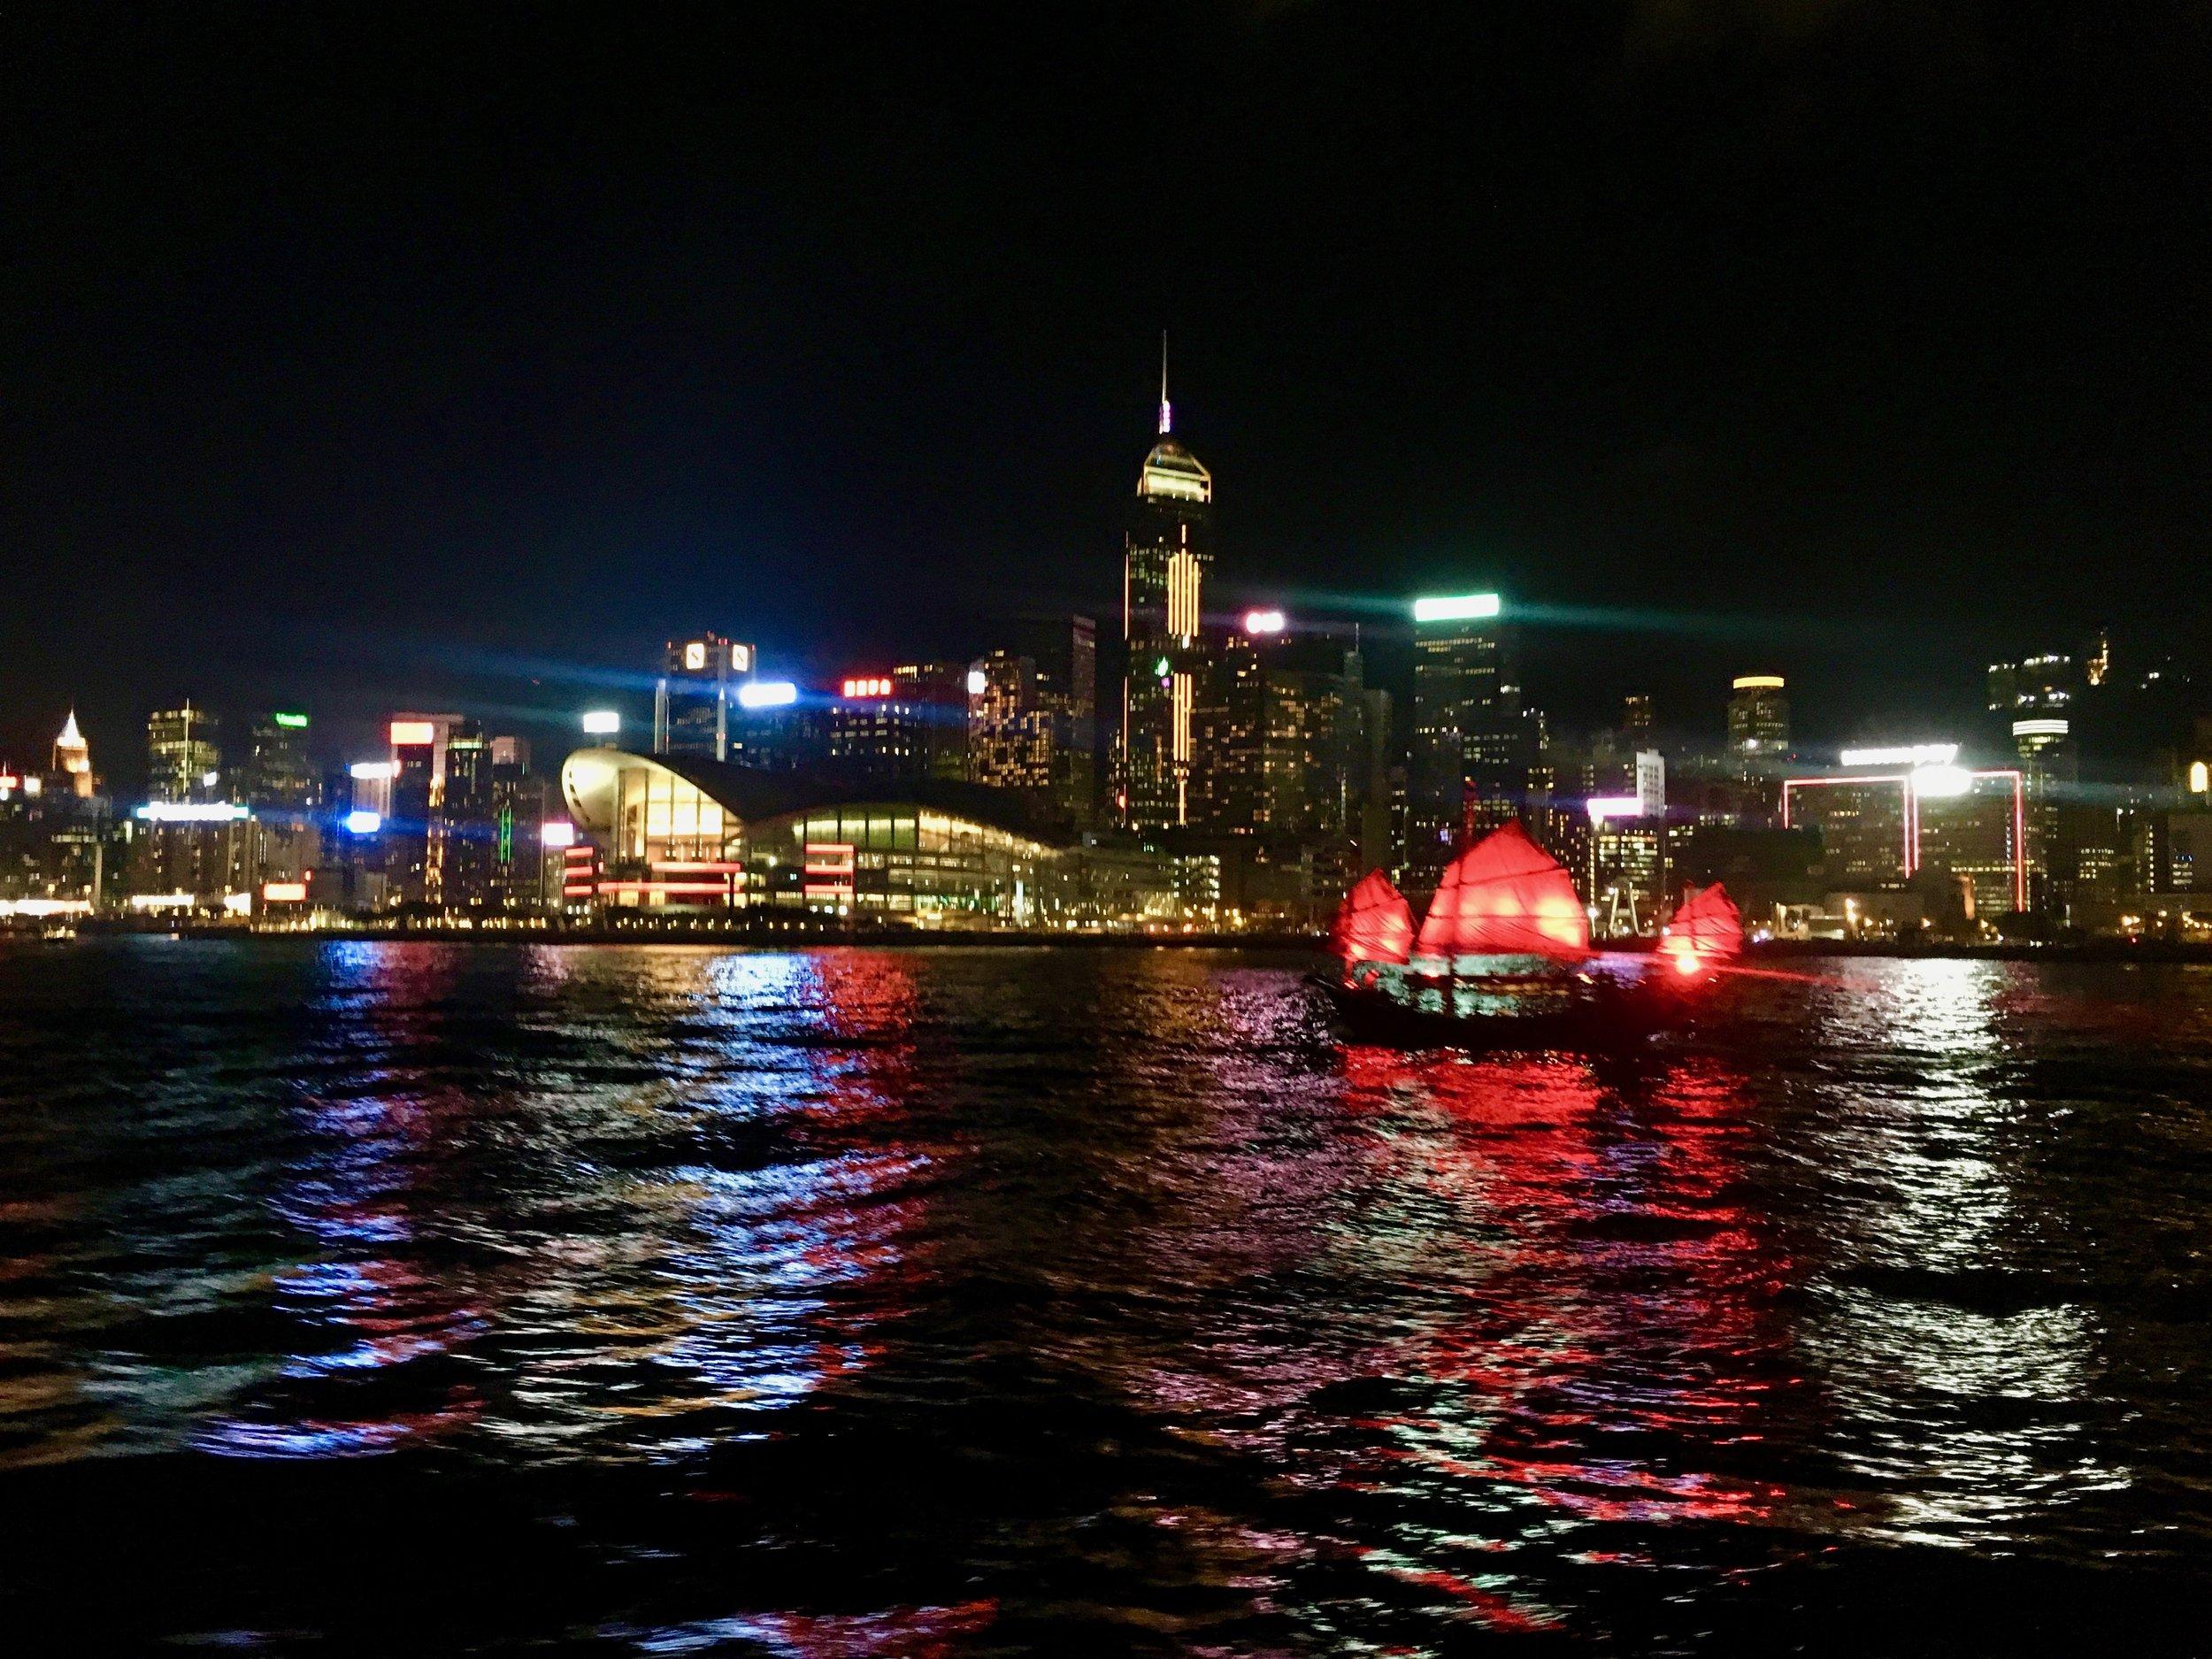 Hong Kong Junk Boat_City Nibbler_Hong Kong